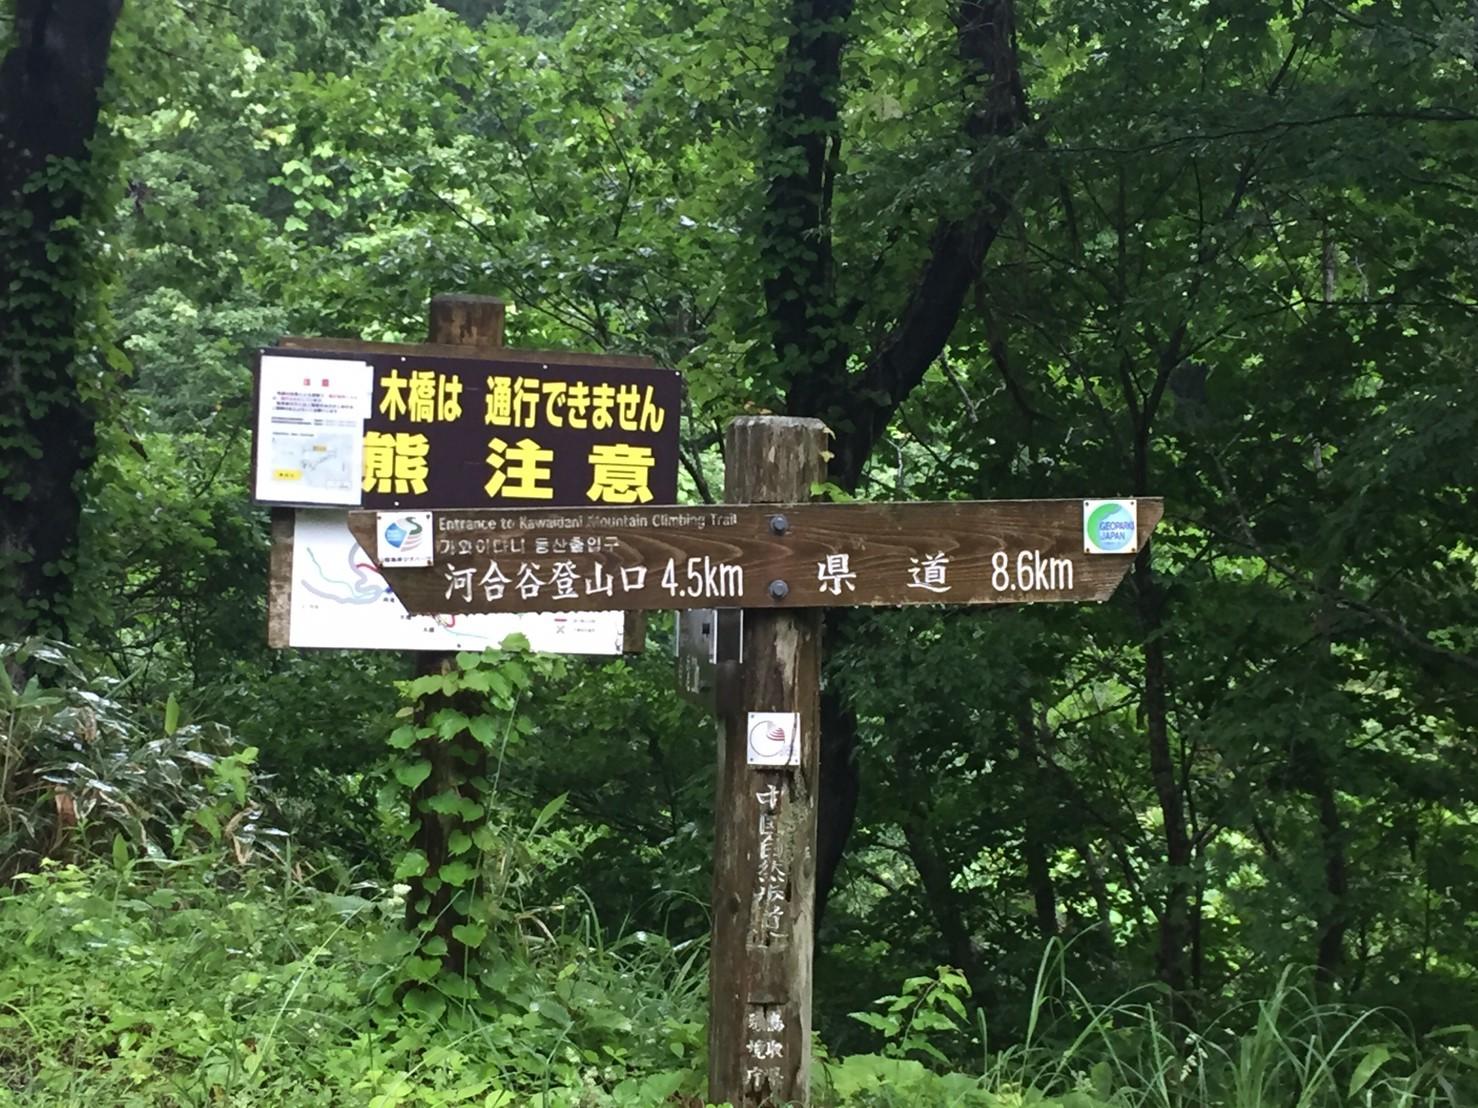 河合谷高原・水とのふれあい広場の水 ・田村牧場_e0115904_13141216.jpg